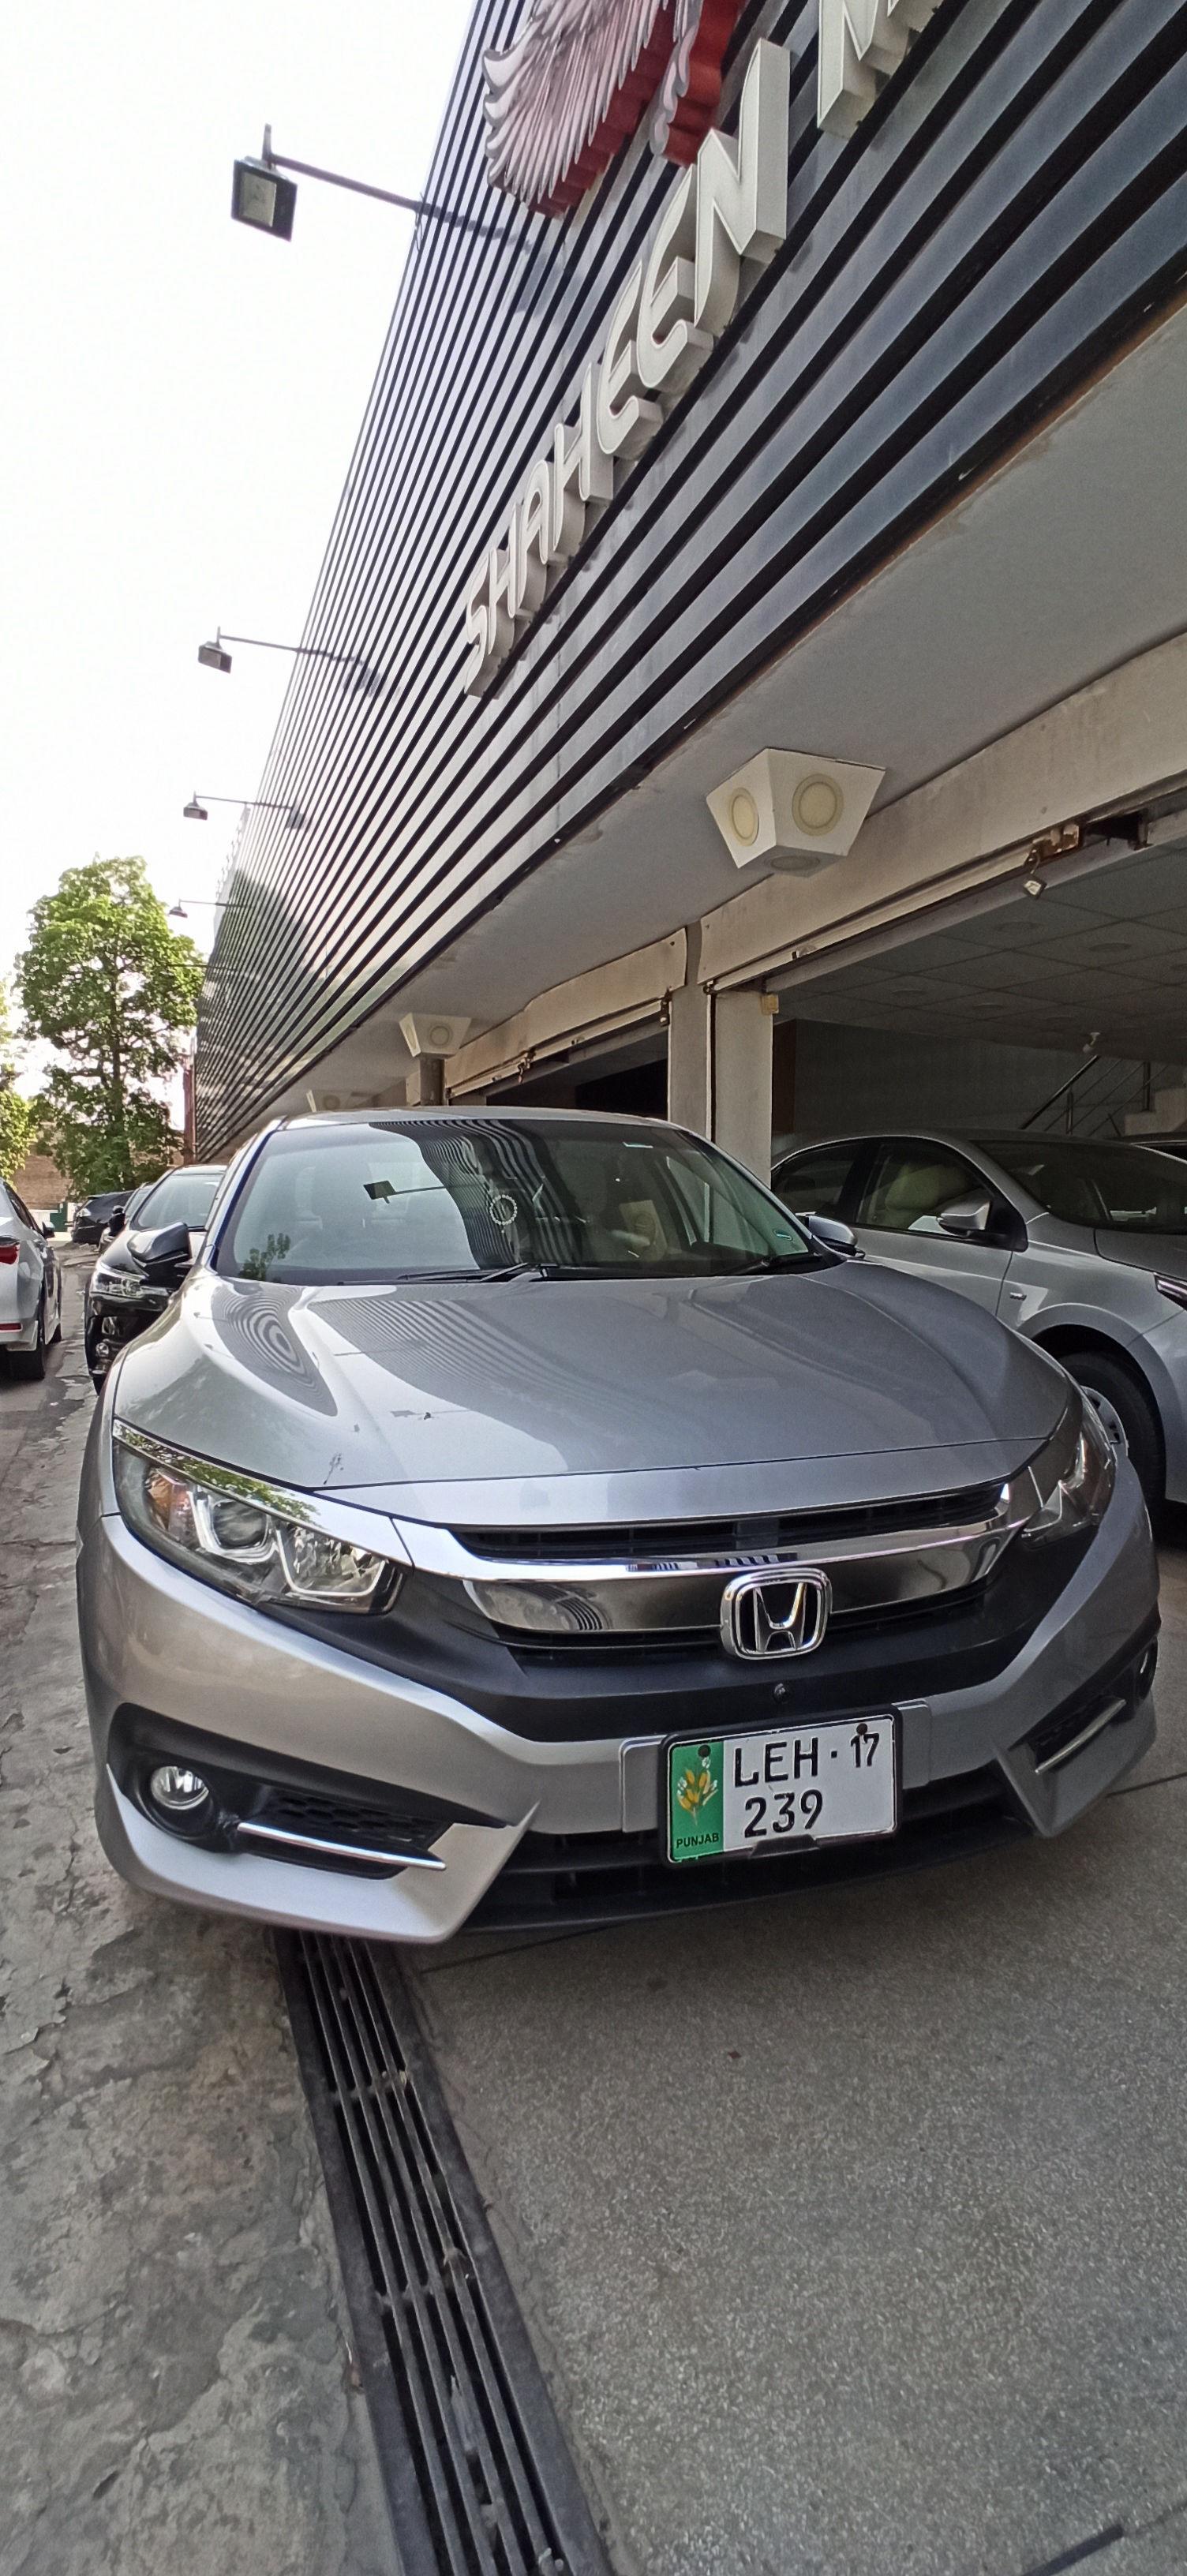 Honda Civic 1.8 i-VTEC Oriel